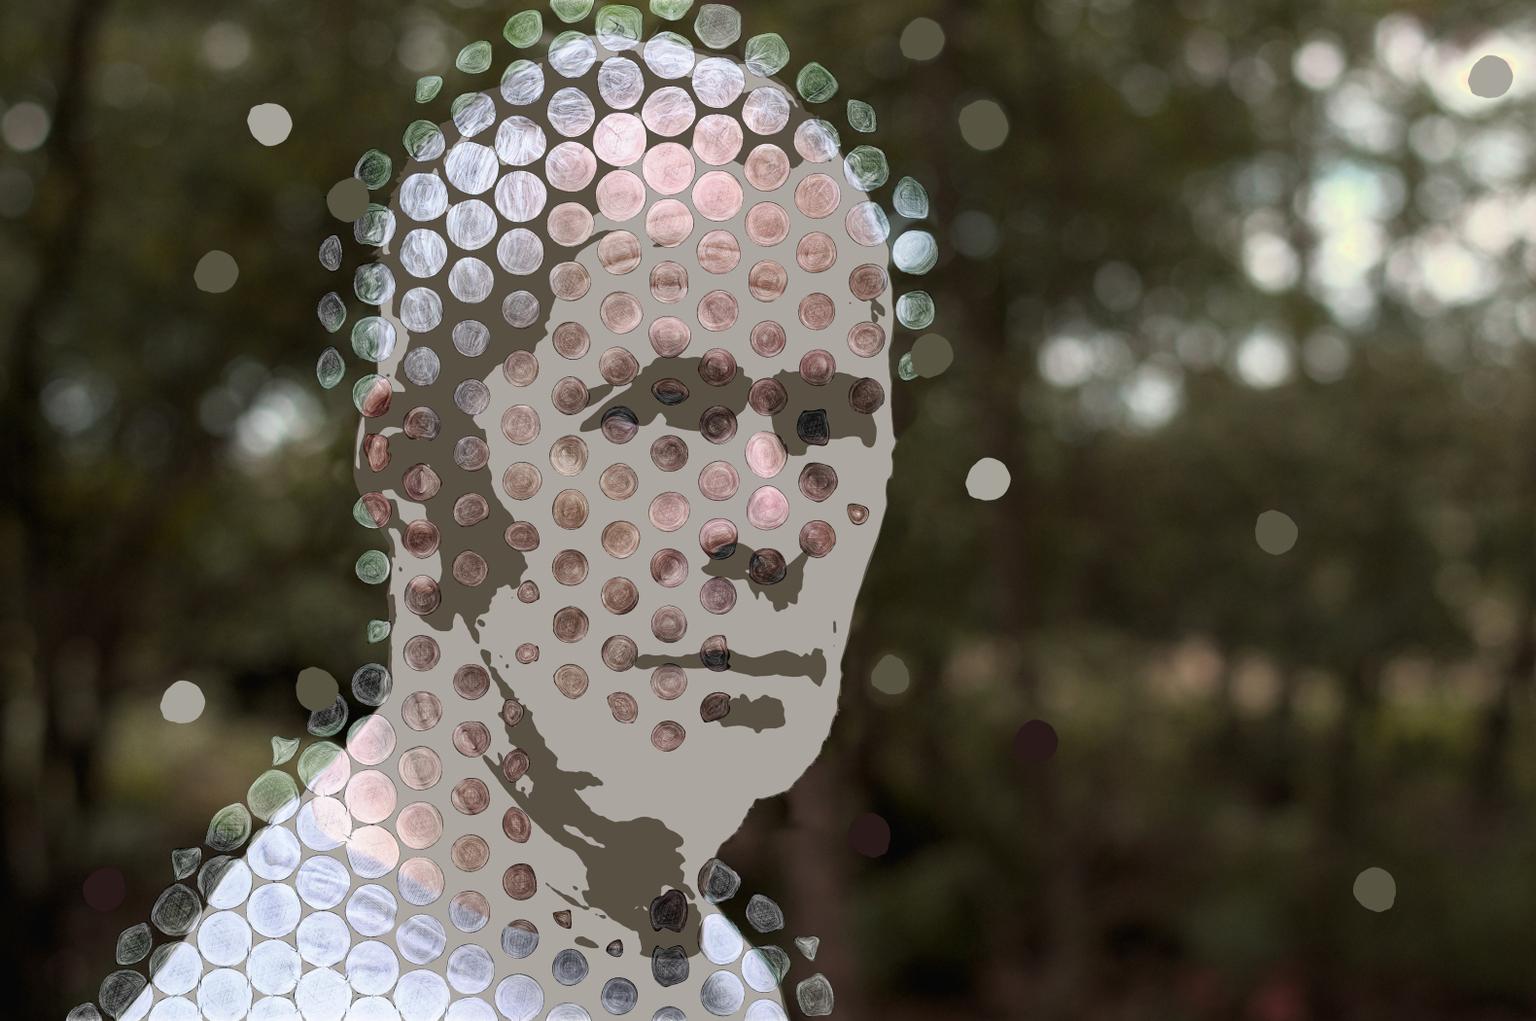 Ral7013 - Digital mixed media portret  https://www.werkaandemuur.nl/index/shop/nl/True-Color-Stories/shop/27967 - foto door miriamduda op 11-04-2021 - deze foto bevat: hoofd, oog, organisme, kunst, wimper, patroon, evenement, brillen, detailopname, modeaccessoire